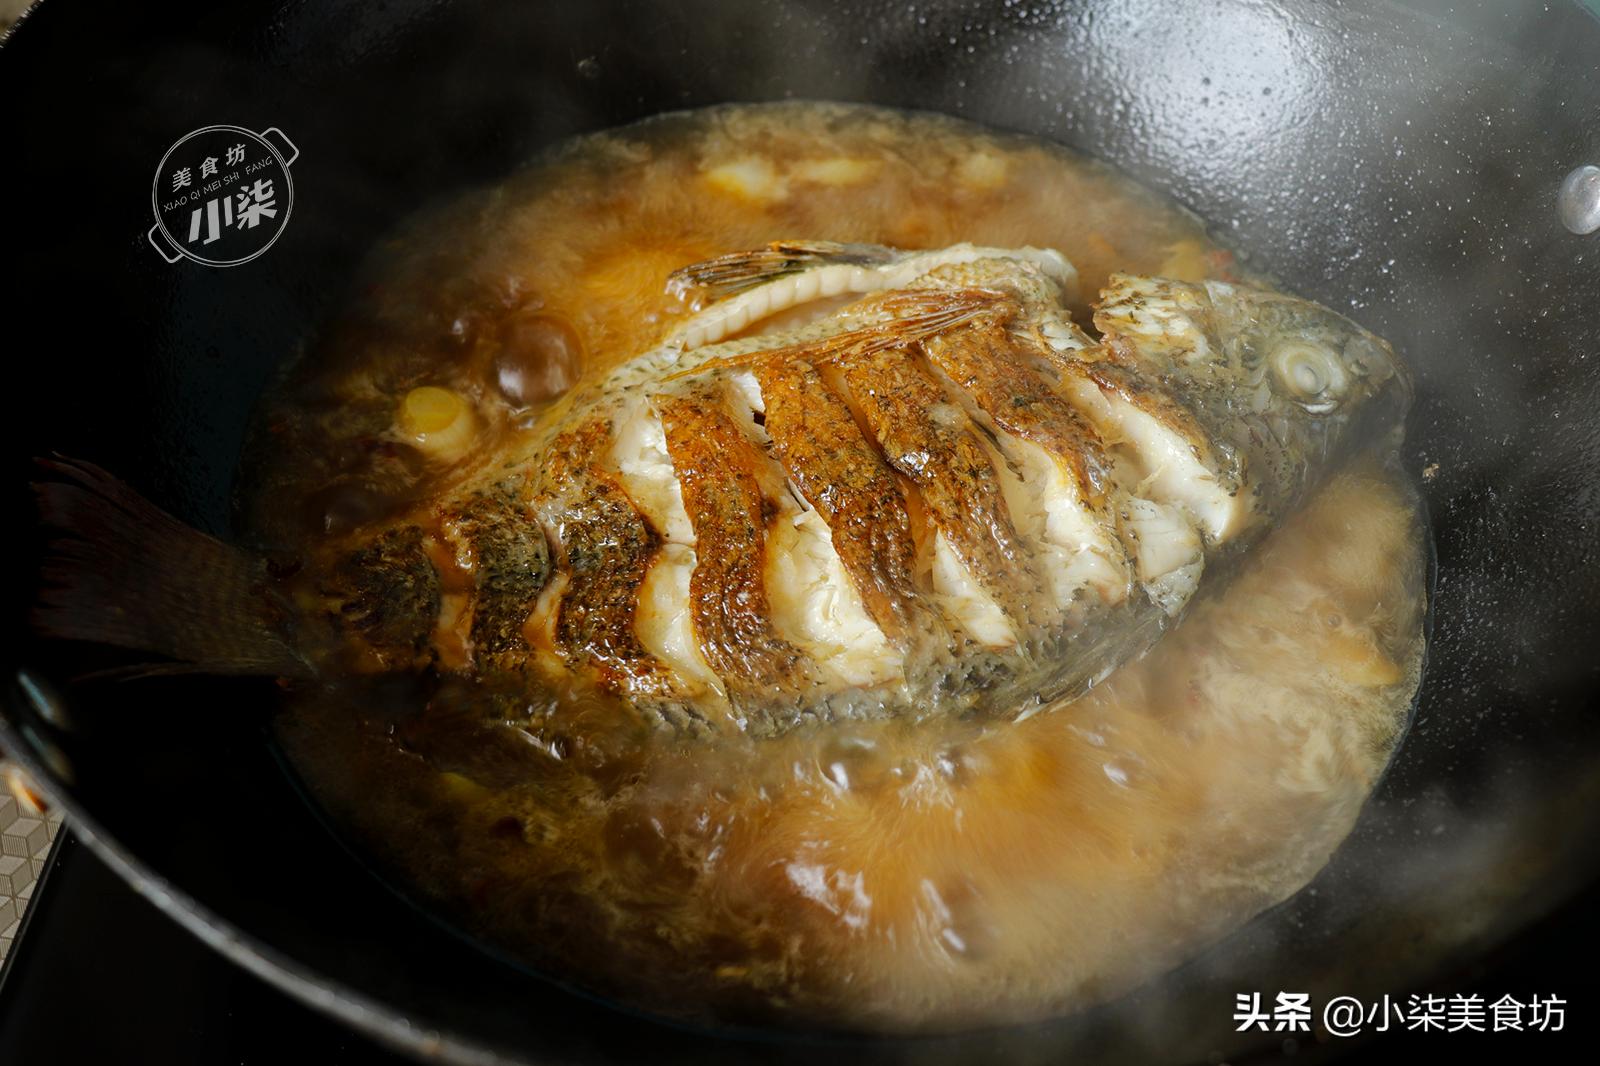 煎鱼时,多加这2步,出锅不粘锅不破皮,学会过年待客非常有面子